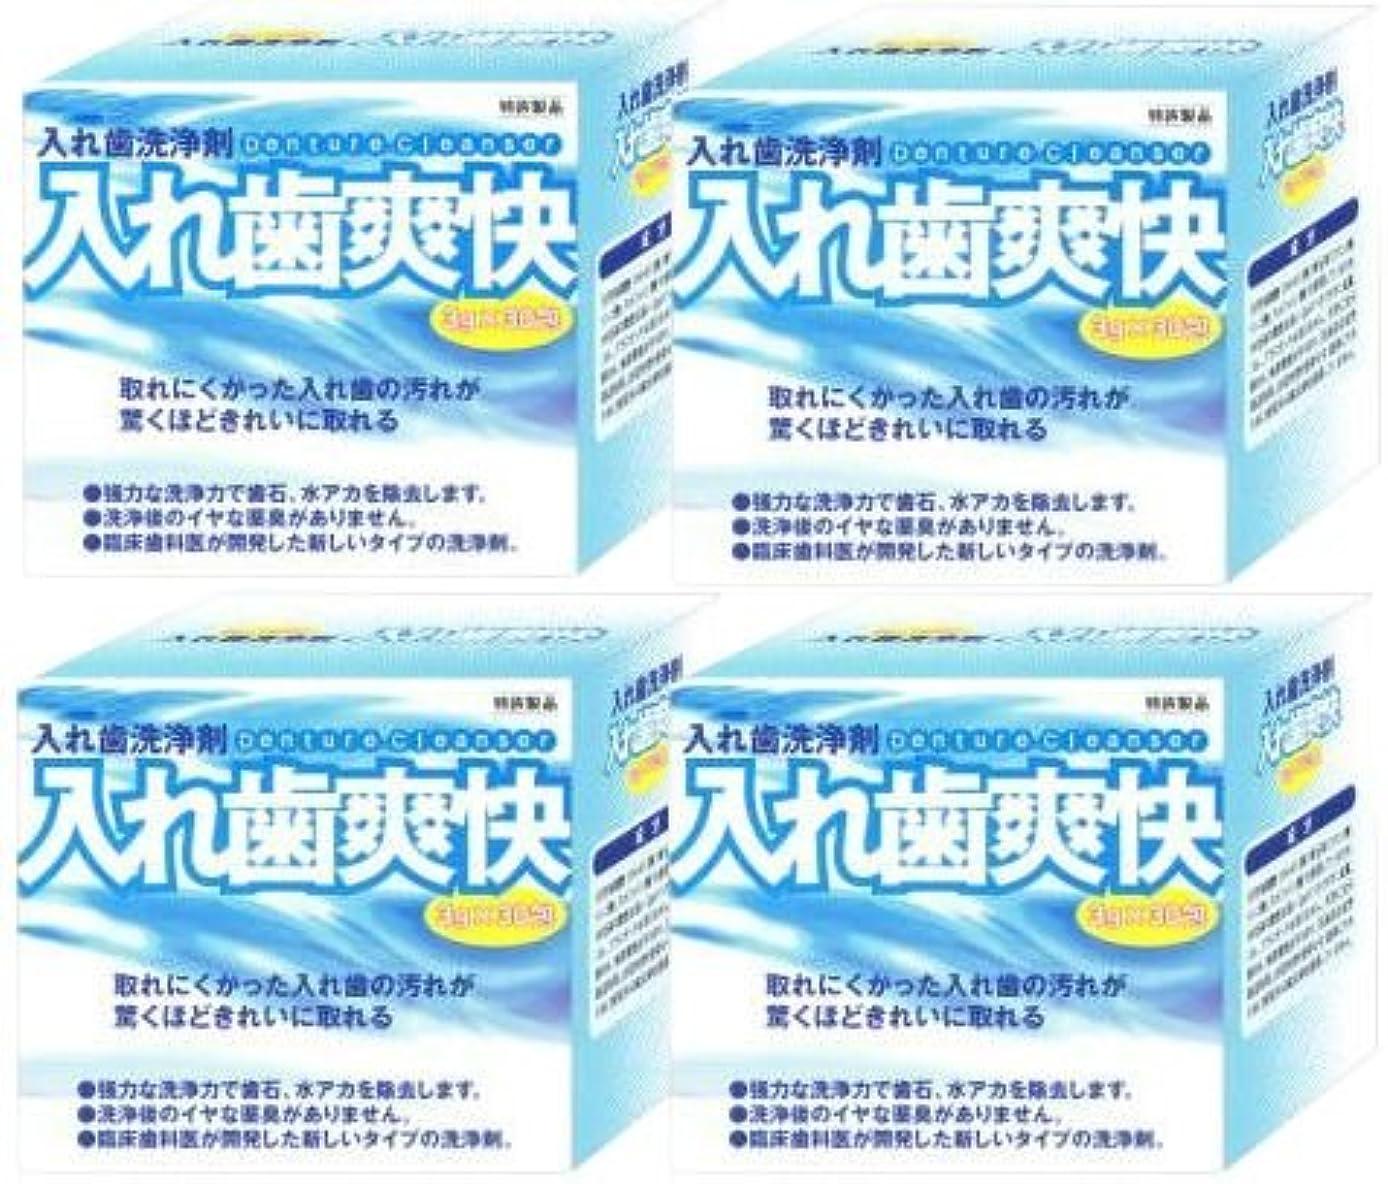 ラップ甲虫無効【和田精密歯研】【歯科用】入れ歯爽快 1箱 3g×30包【義歯洗浄剤】4個セット